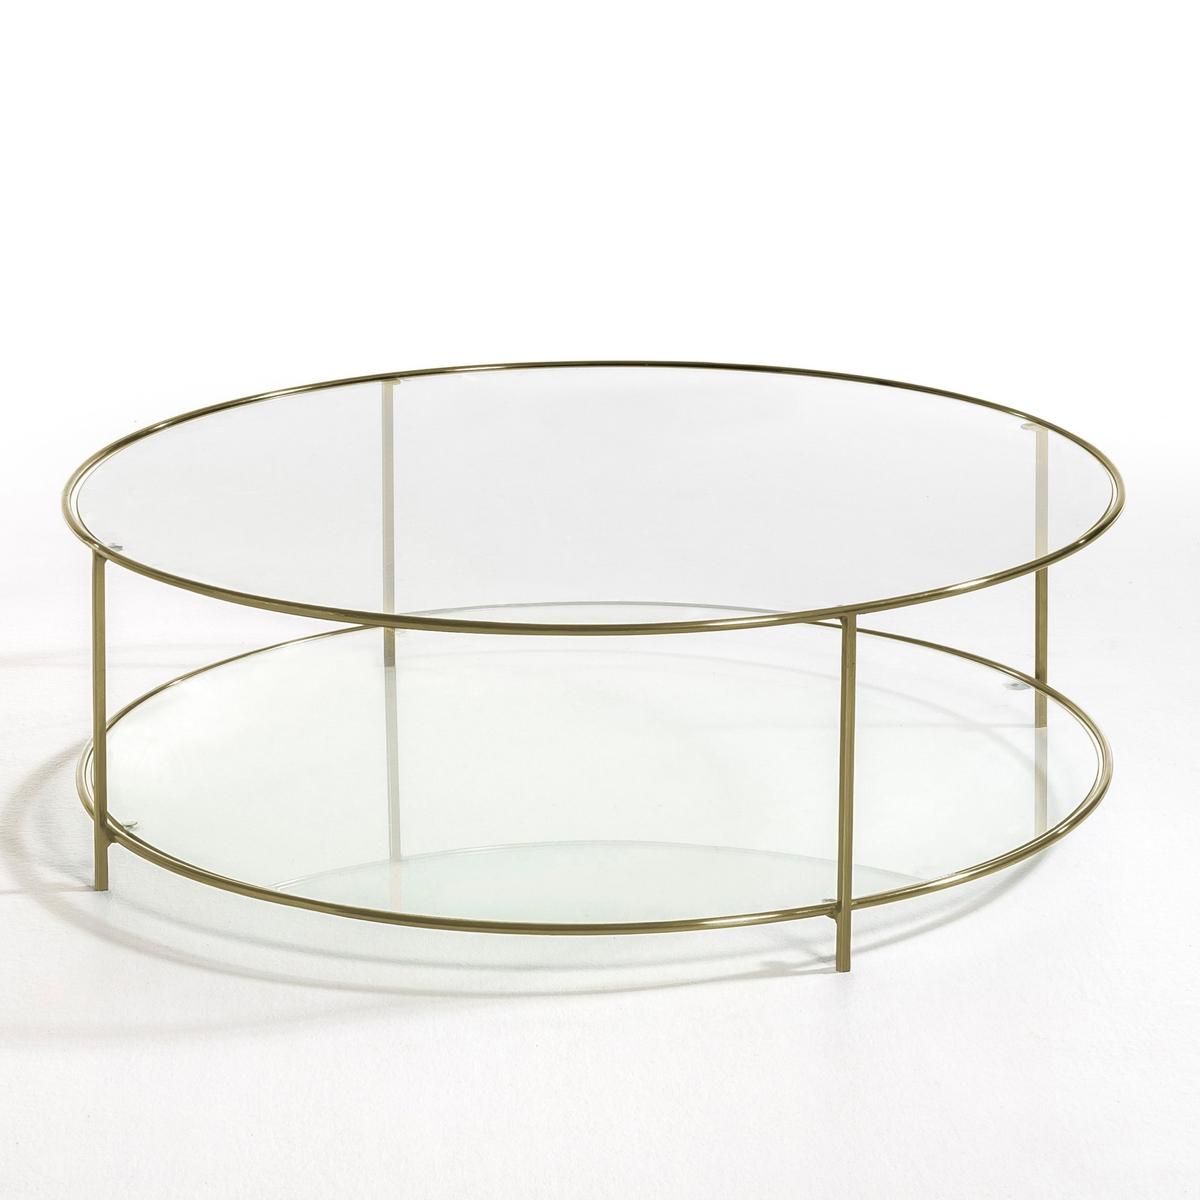 Столик La Redoute Журнальный круглый из закаленного стекла Sybil единый размер другие стол la redoute журнальный из агата и металла anaximne единый размер синий